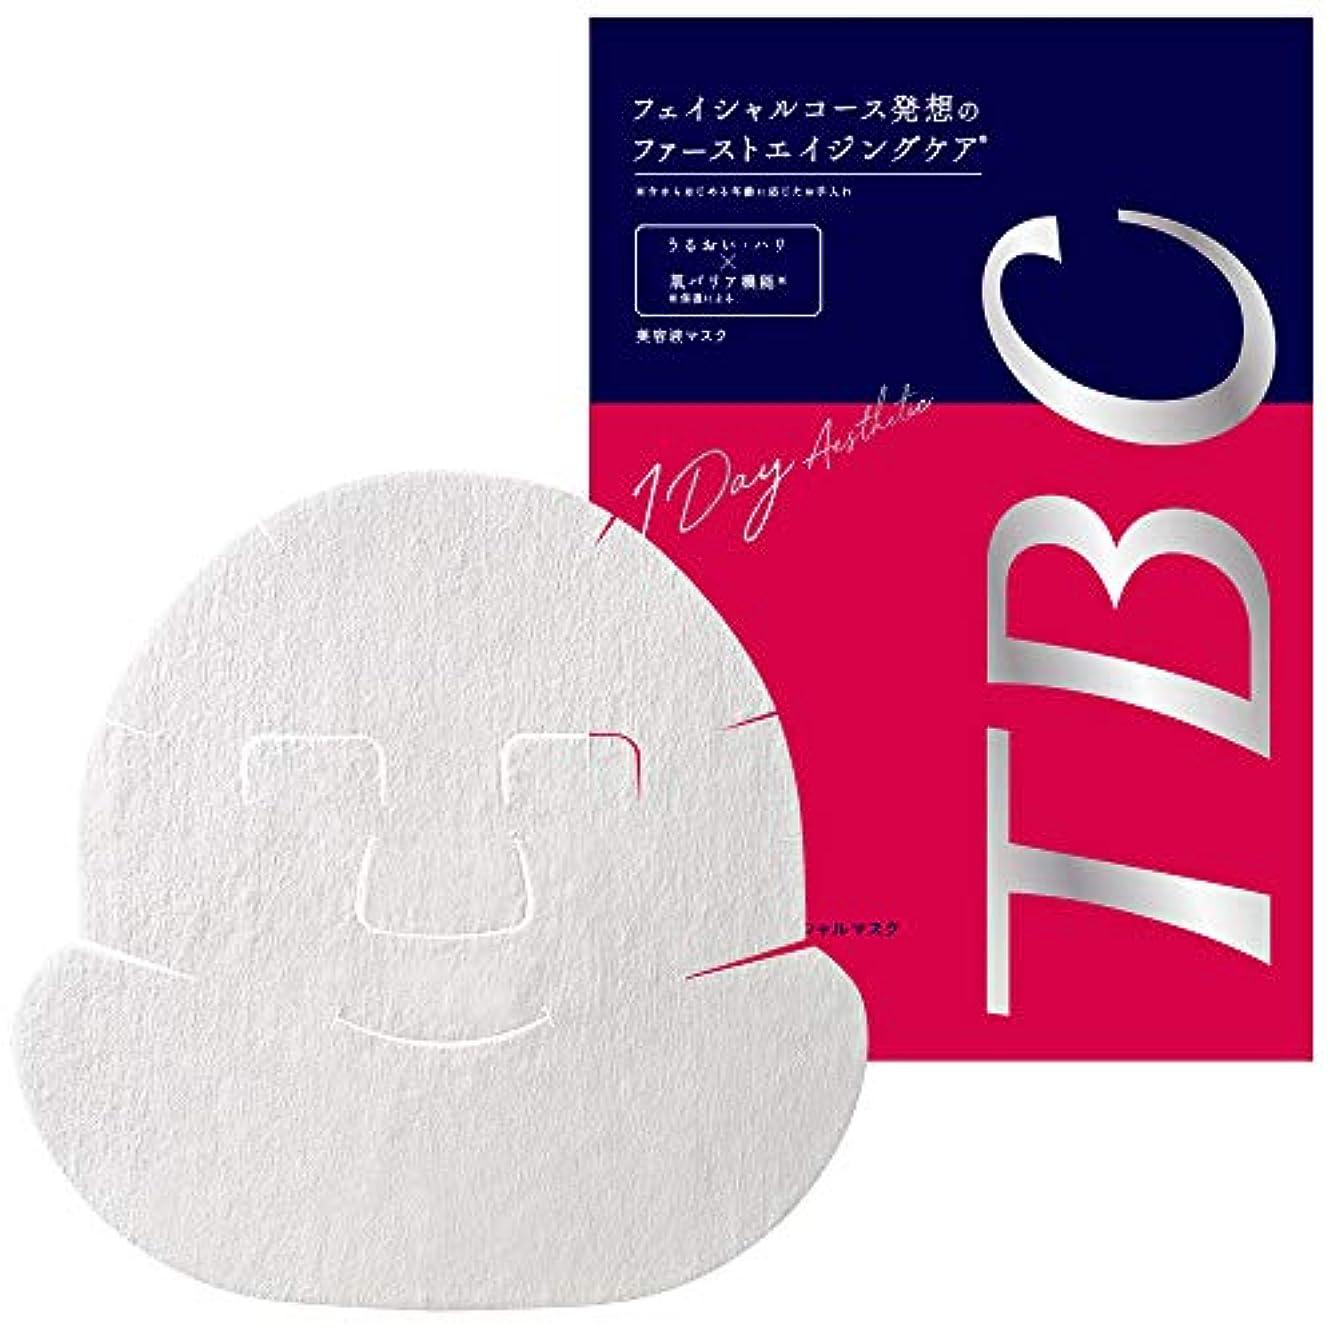 仕事真空放映TBC エステティックフェイシャルマスク(1枚入り×5袋)